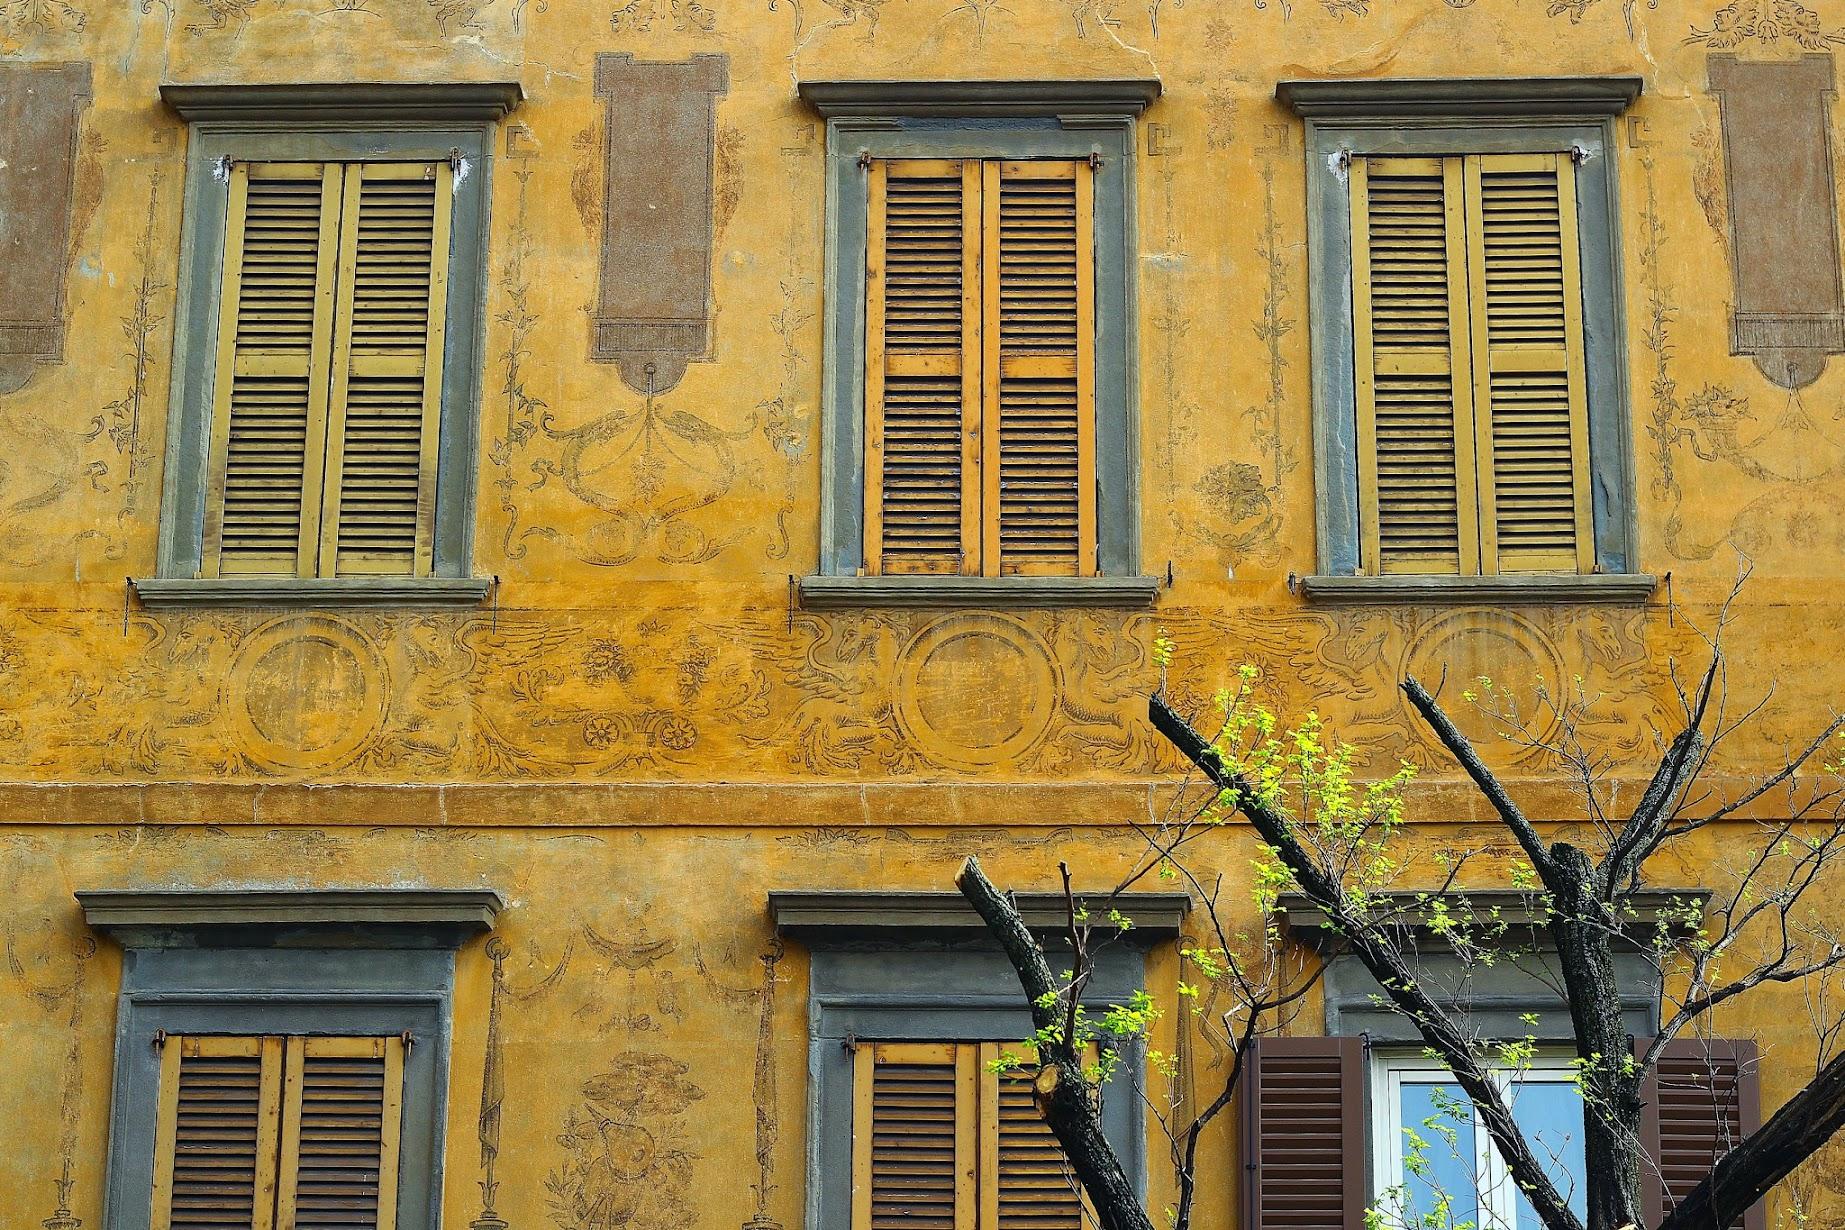 Italy, Bergamo, Италия, Бергамо